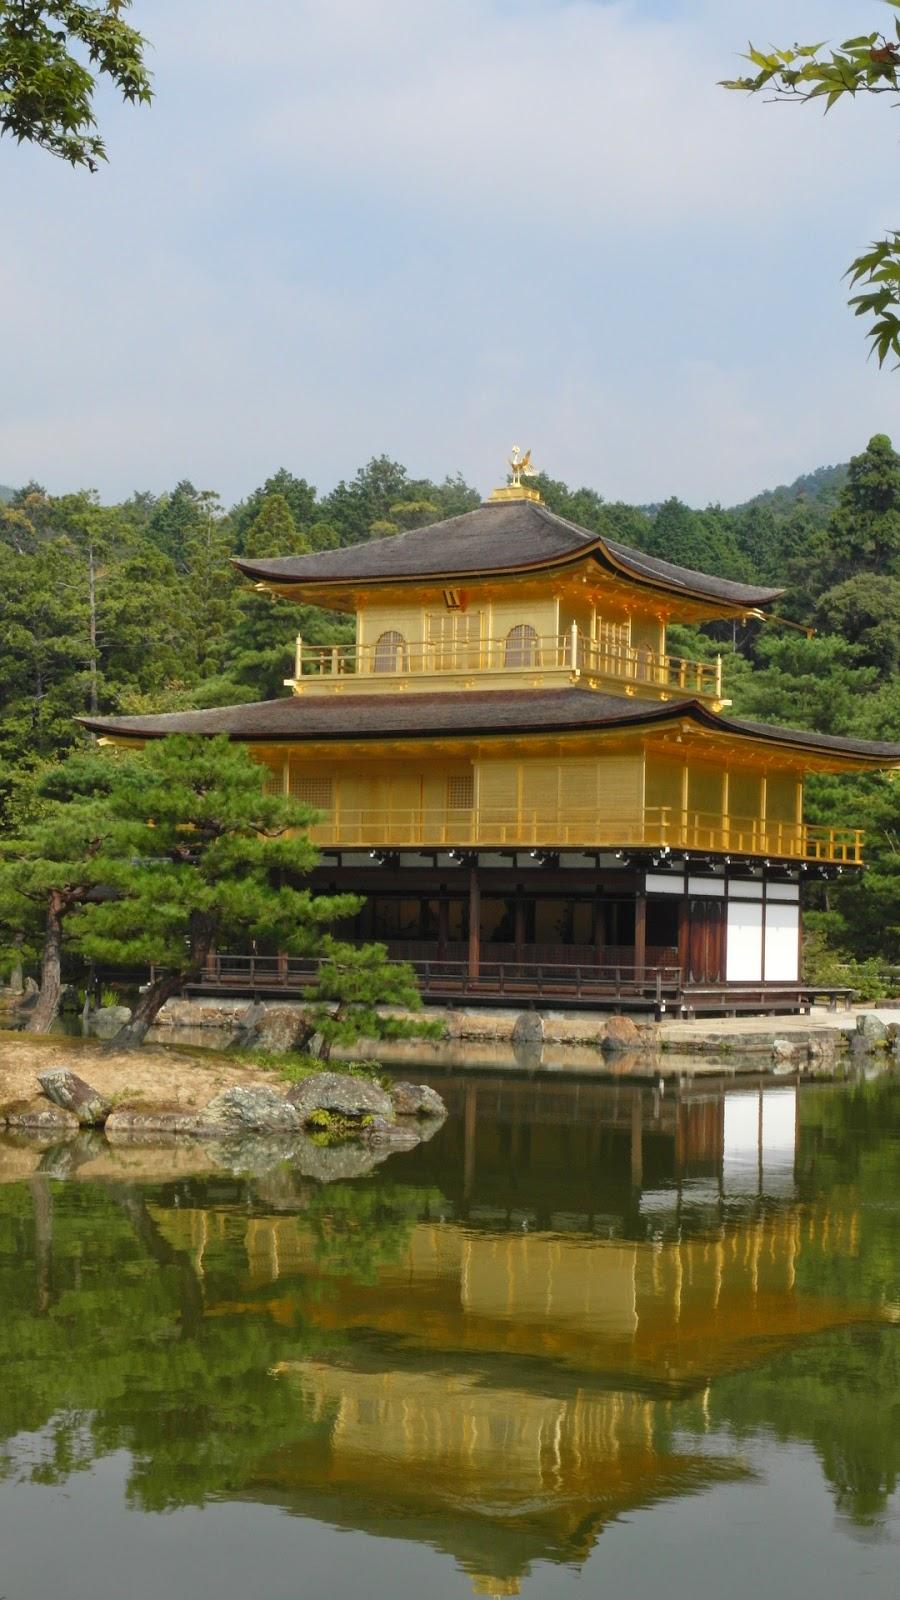 【週末畫報】 日本京都金閣寺